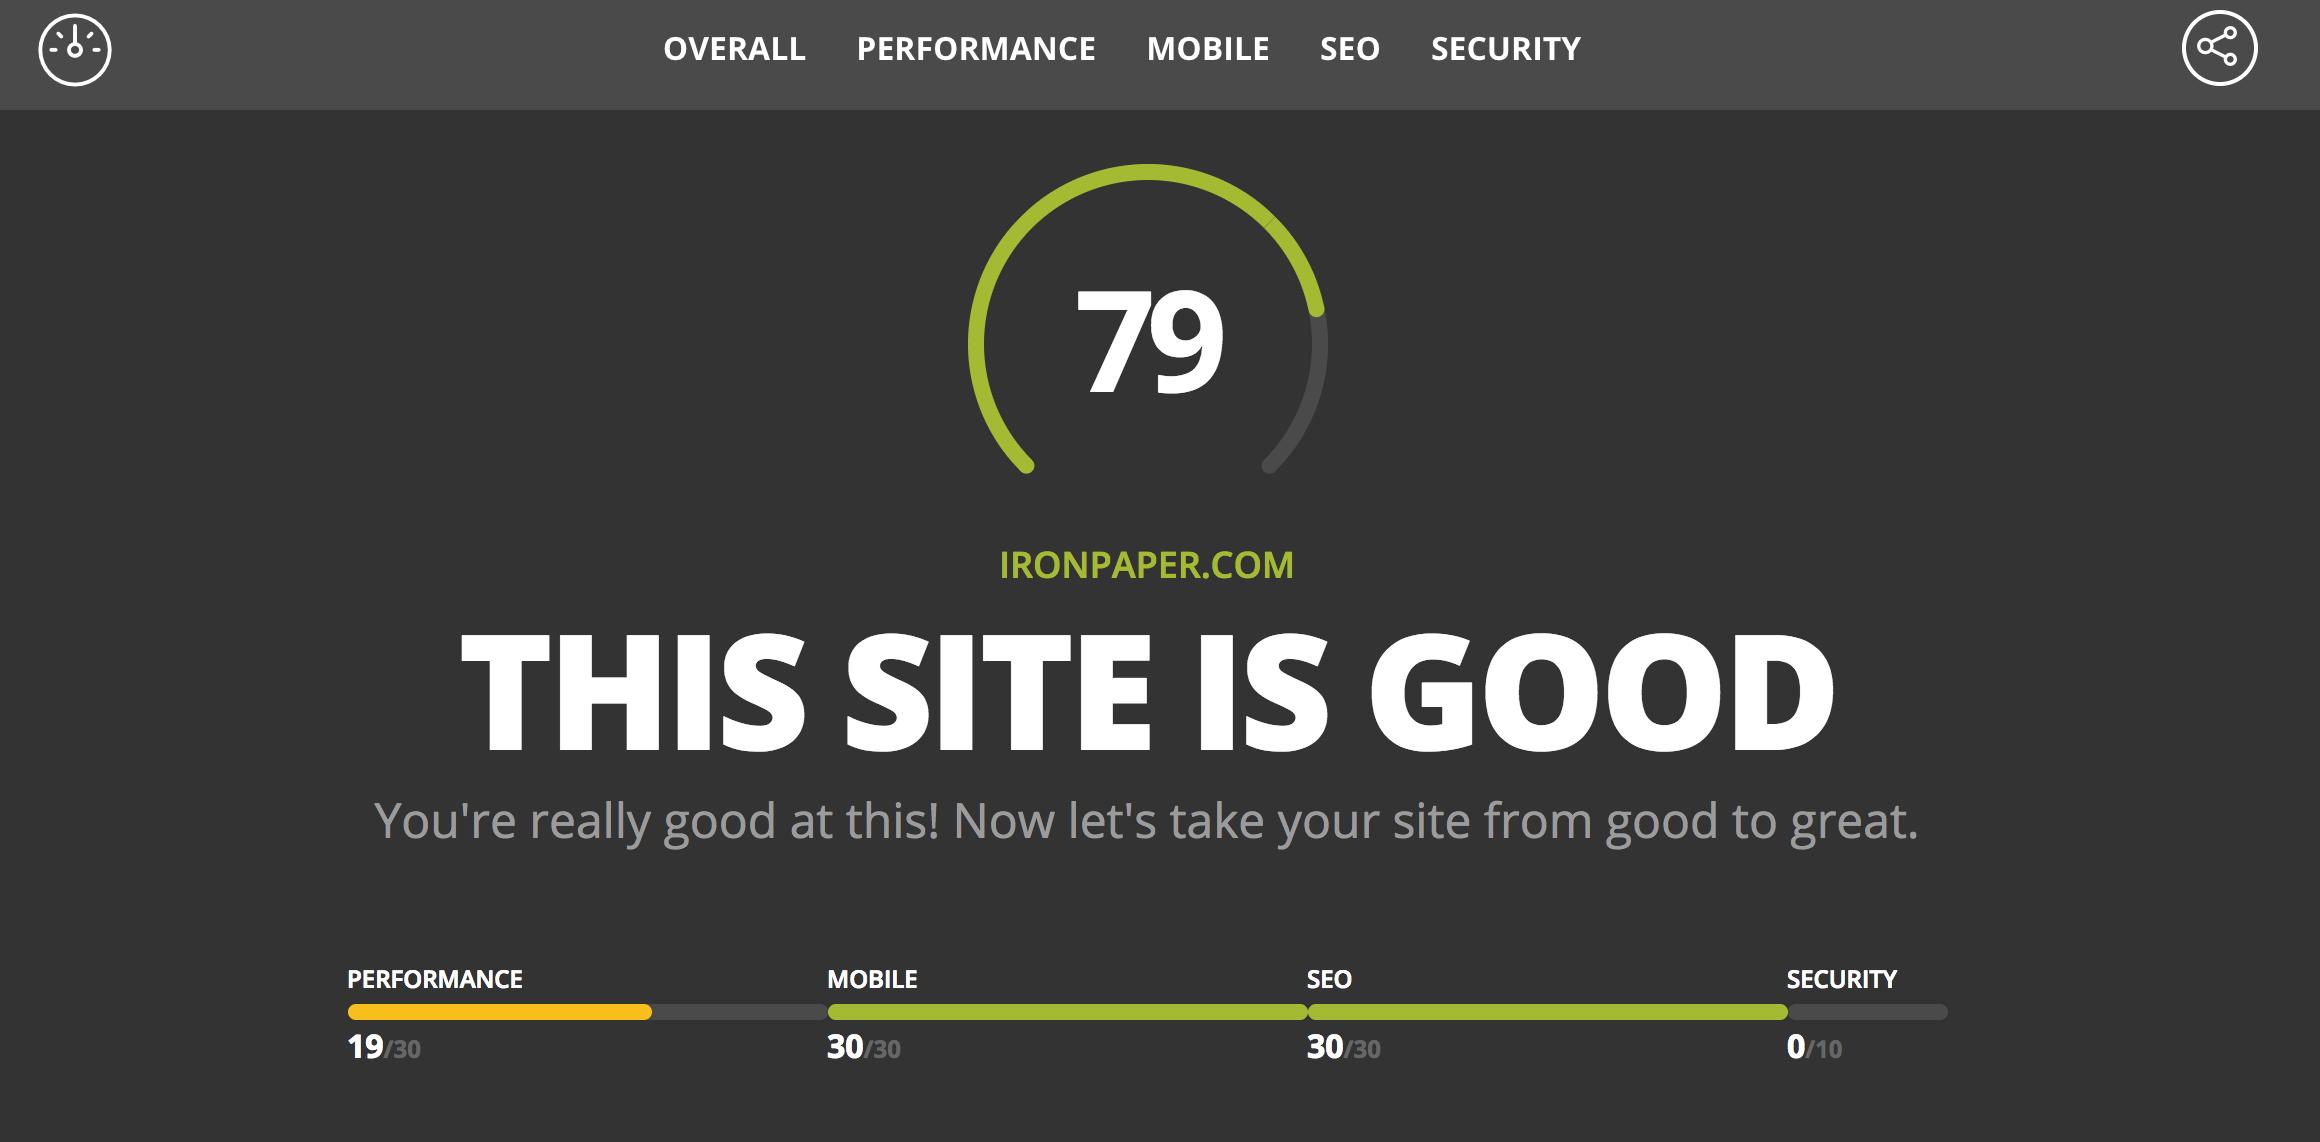 گروه فناوران ایما-سئو و بهینه سازی سایت